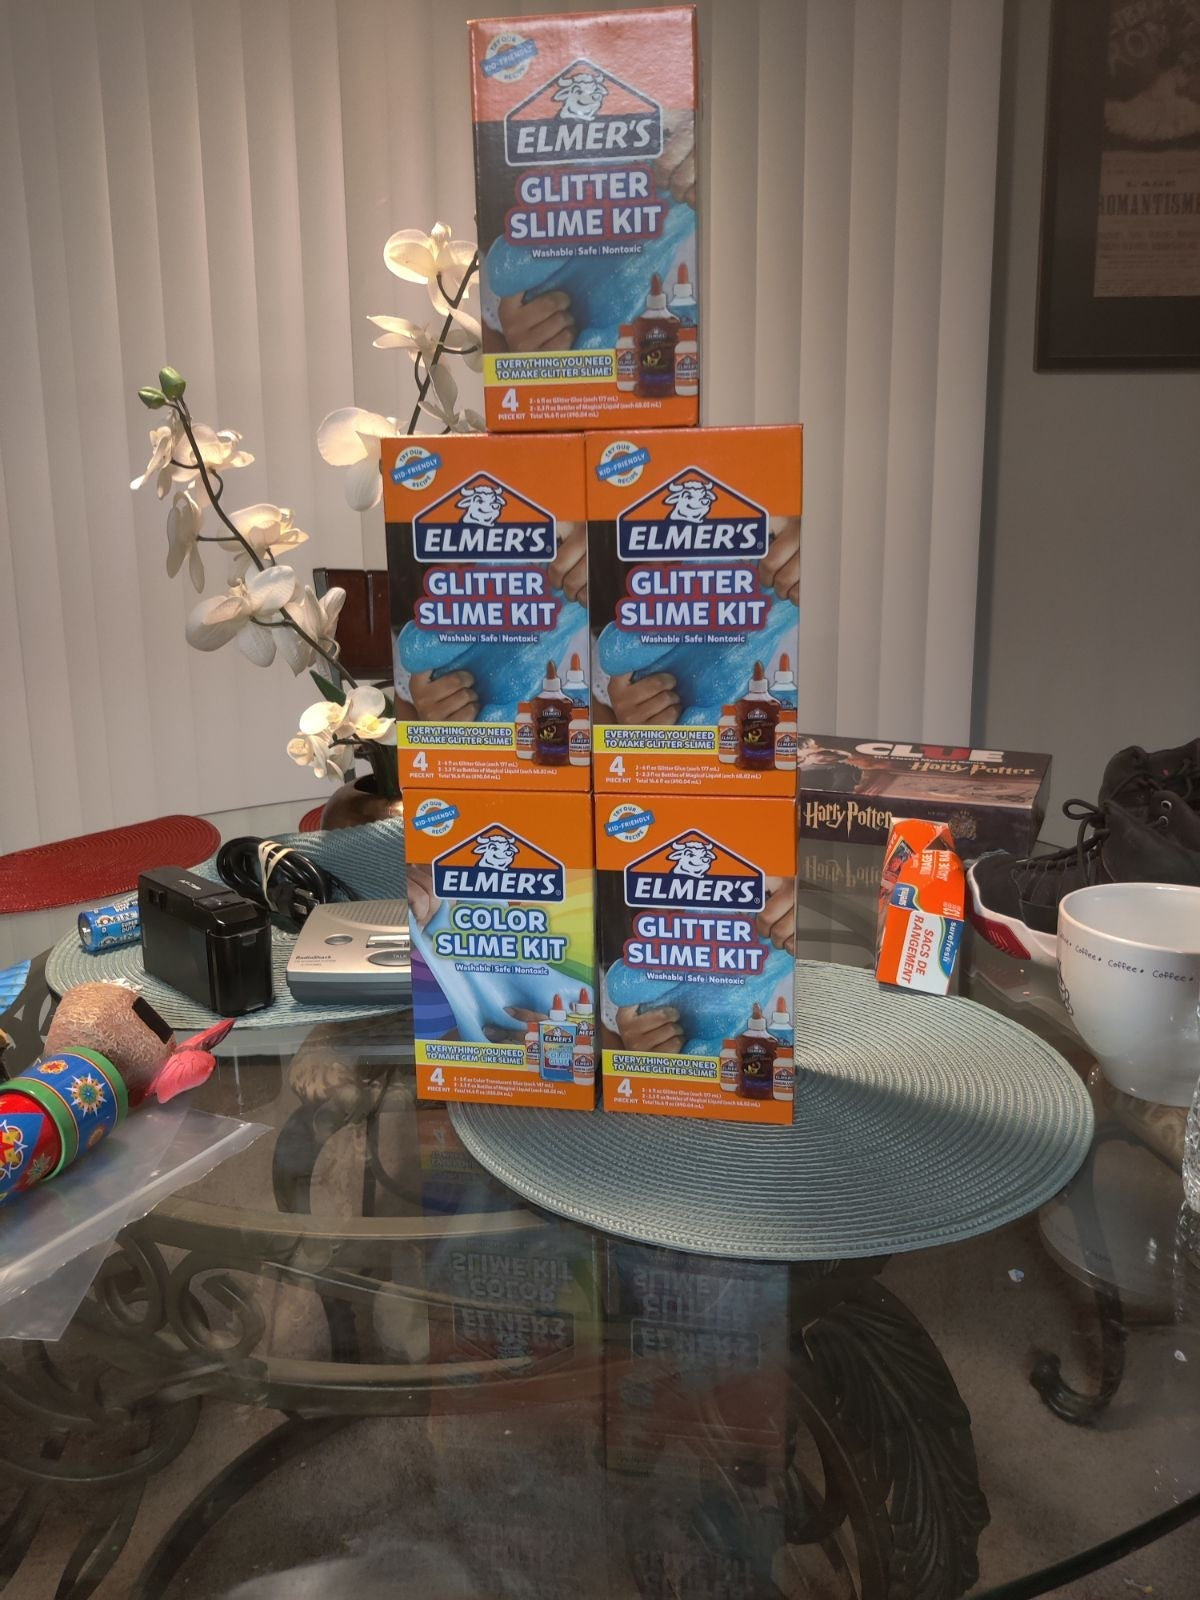 5 new elmer's slime kit